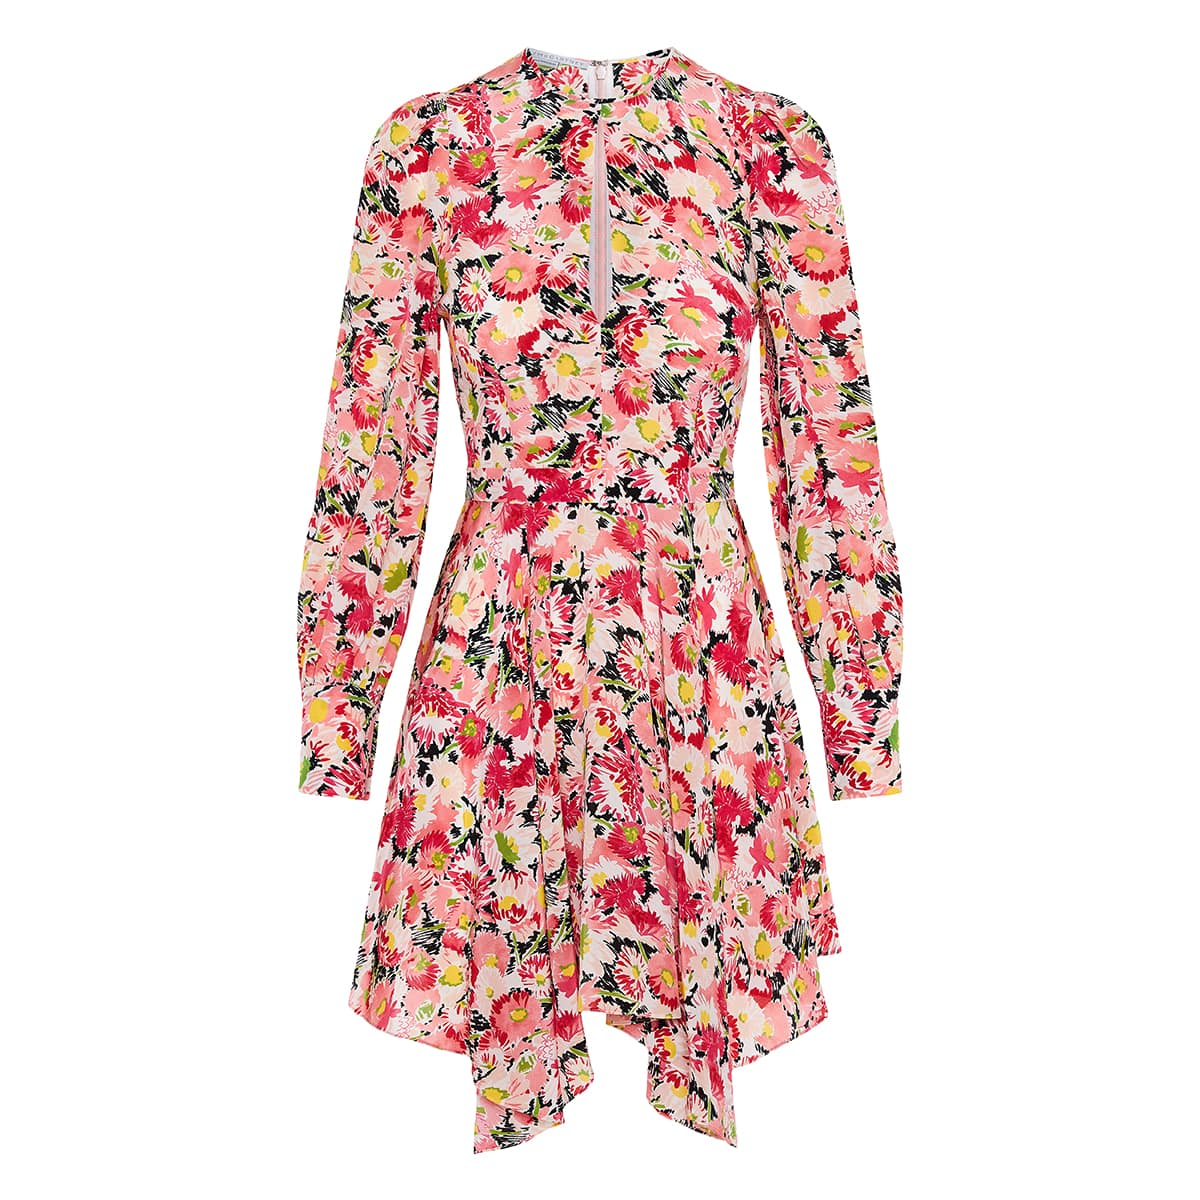 Felicity asymmetric floral dress